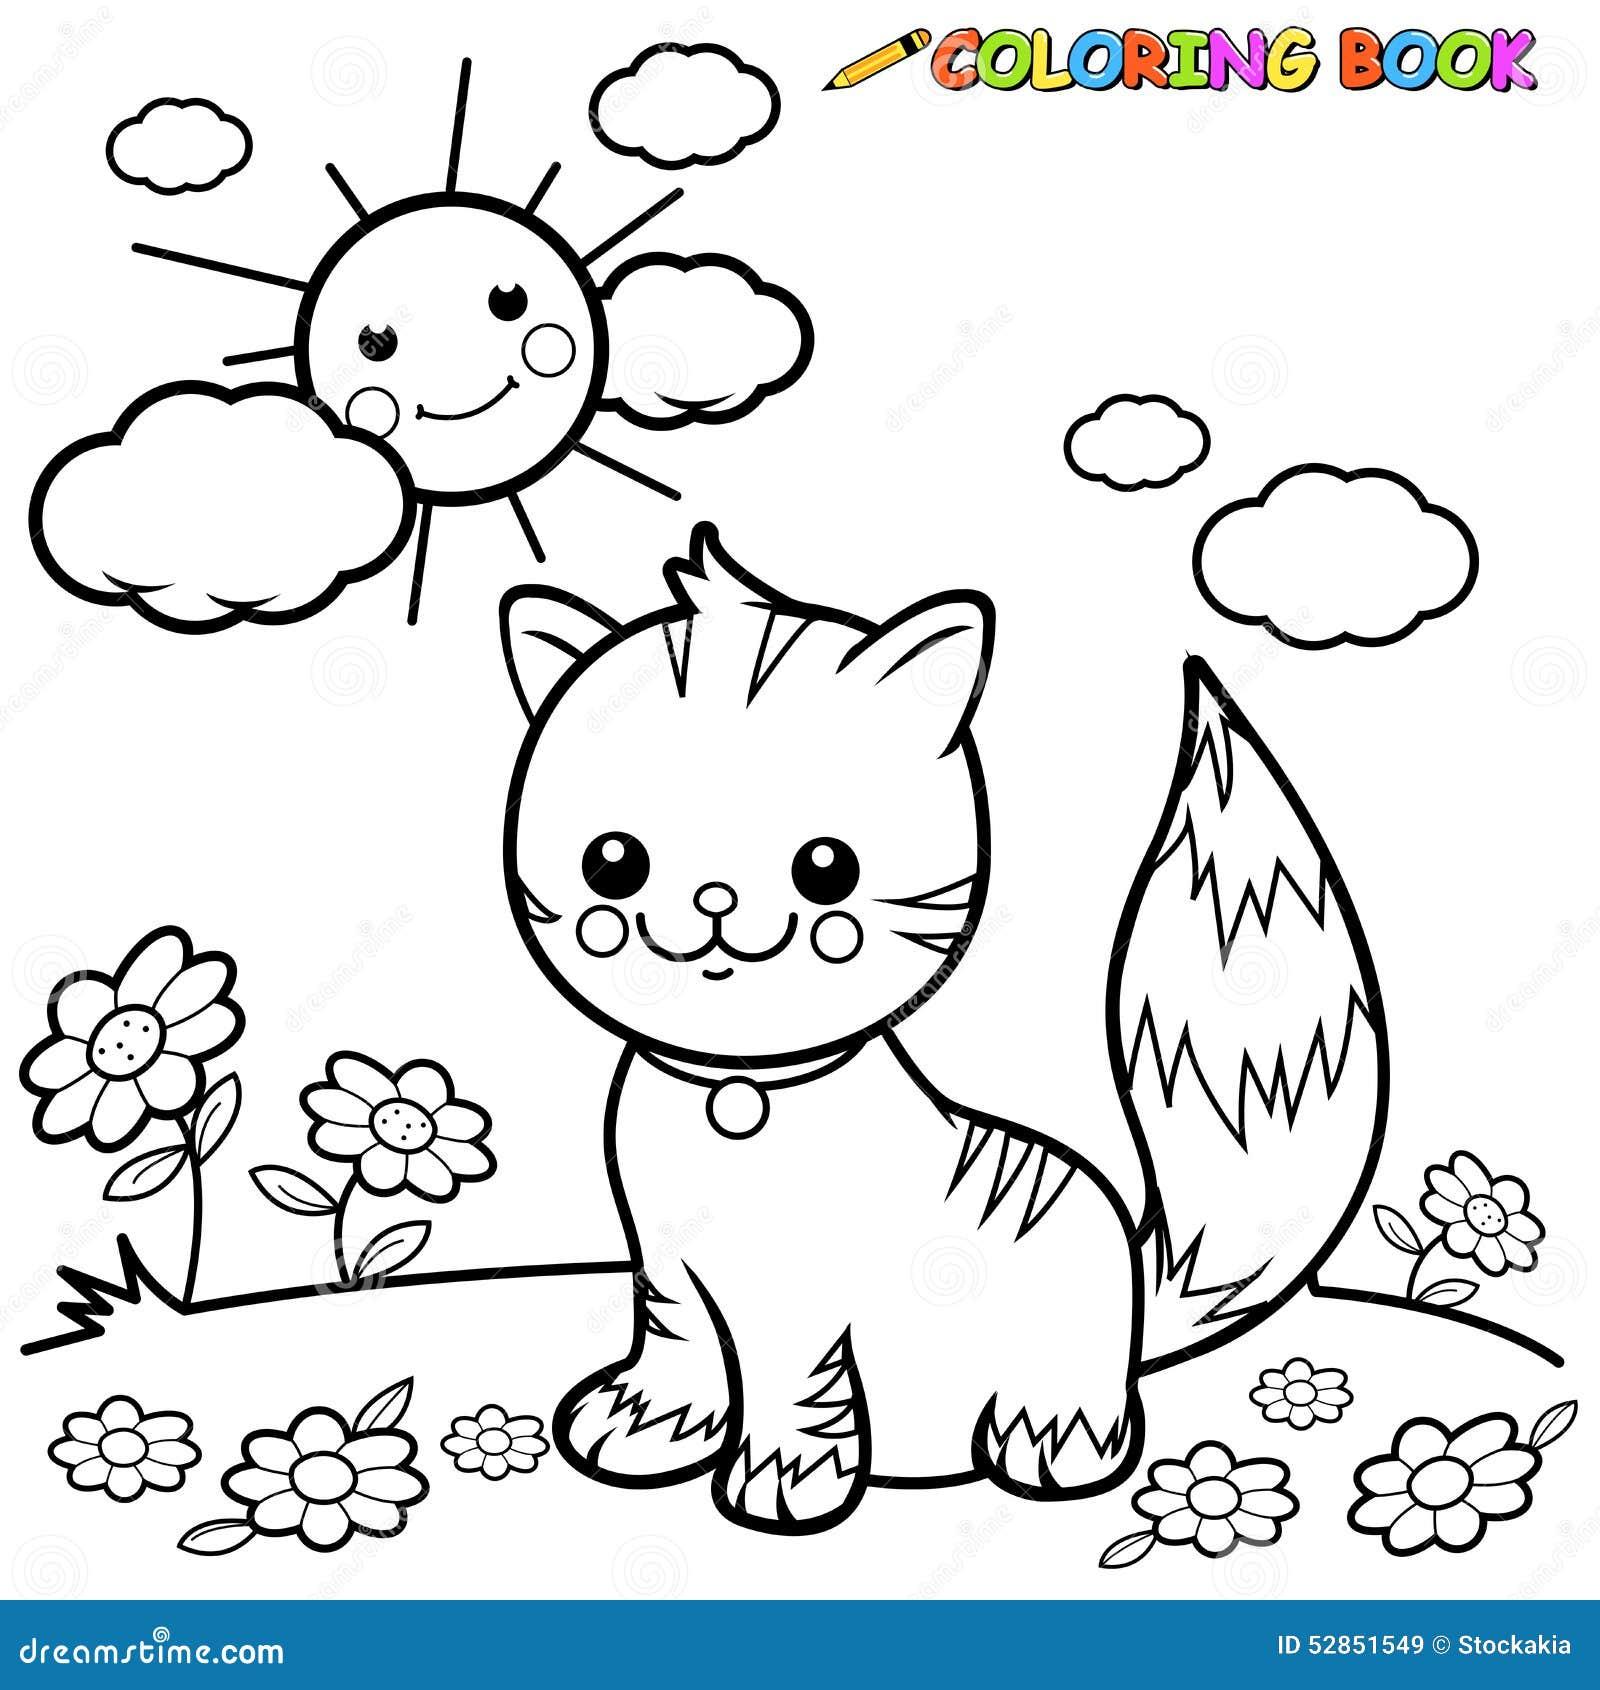 Excepcional Gato Para Colorear Libros Elaboración - Dibujos Para ...